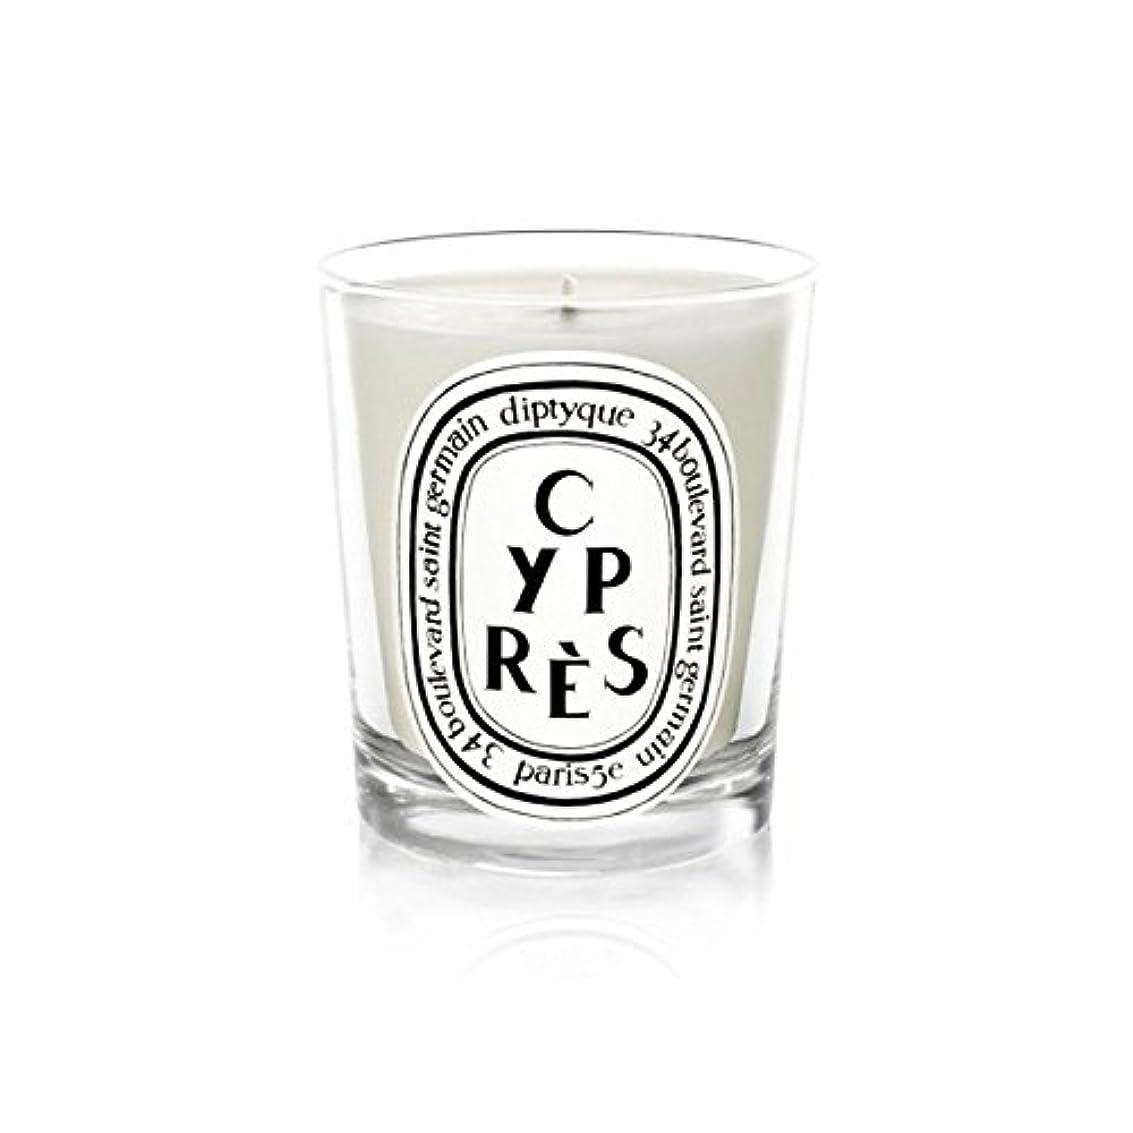 劣る聞きますチャンピオンシップDiptyqueキャンドルCypr?s/ヒノキ190グラム - Diptyque Candle Cypr?s / Cypress 190g (Diptyque) [並行輸入品]